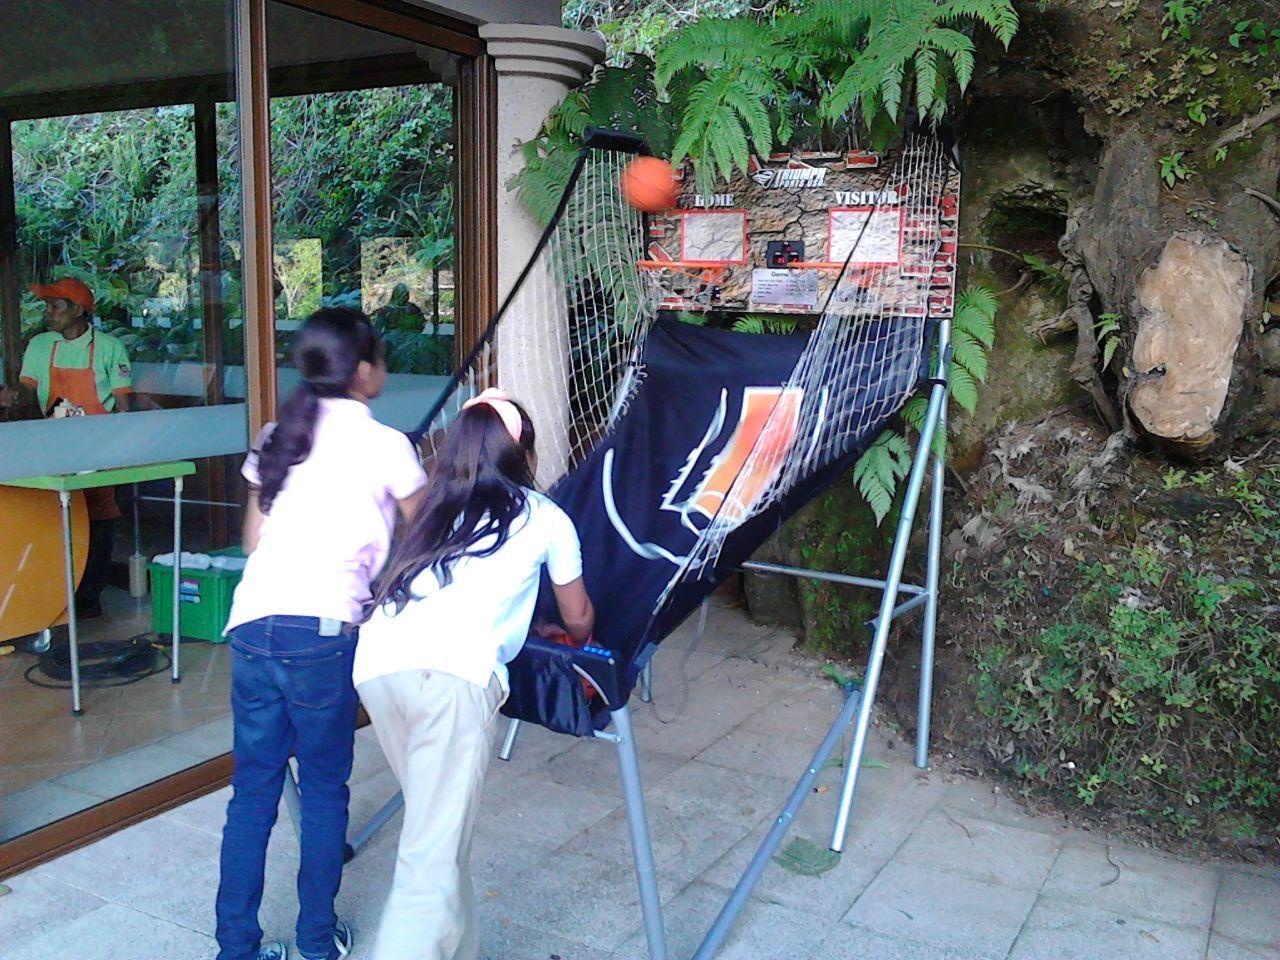 Divertido Basket Ball Electrónico, para todas las edades.  www.laferiamagica.com